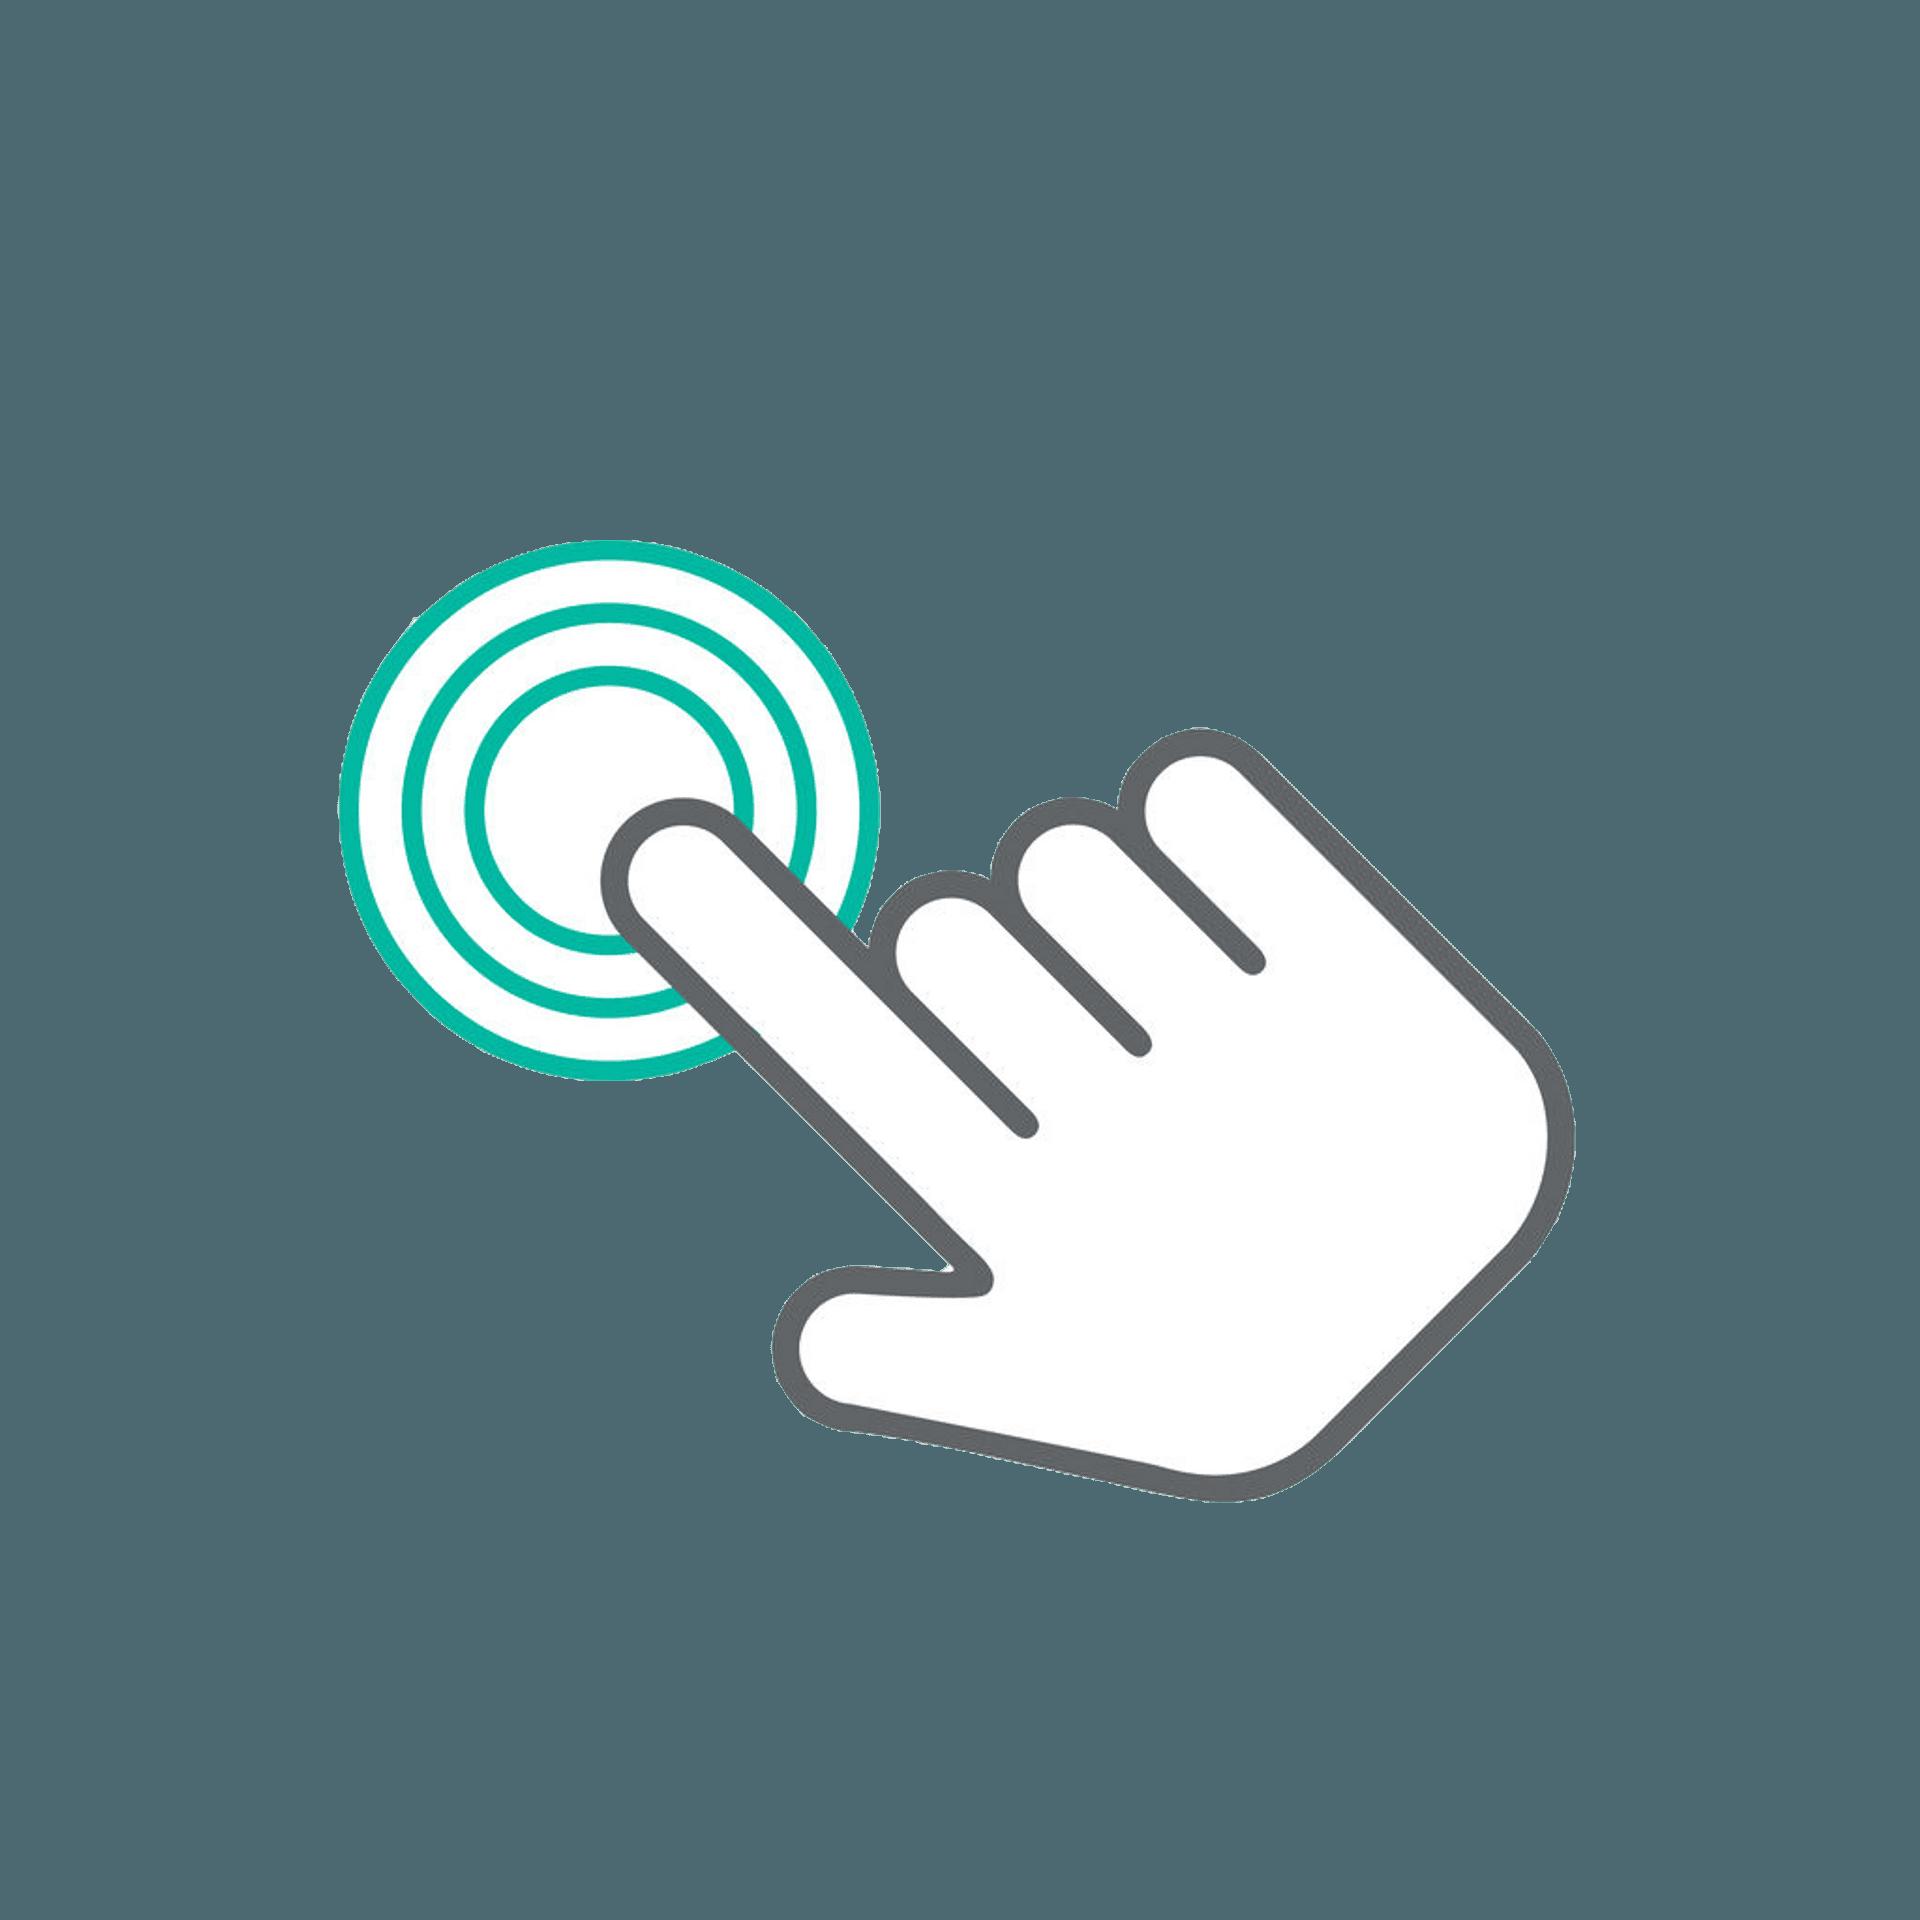 Piktogramm mit Finger und Kreis